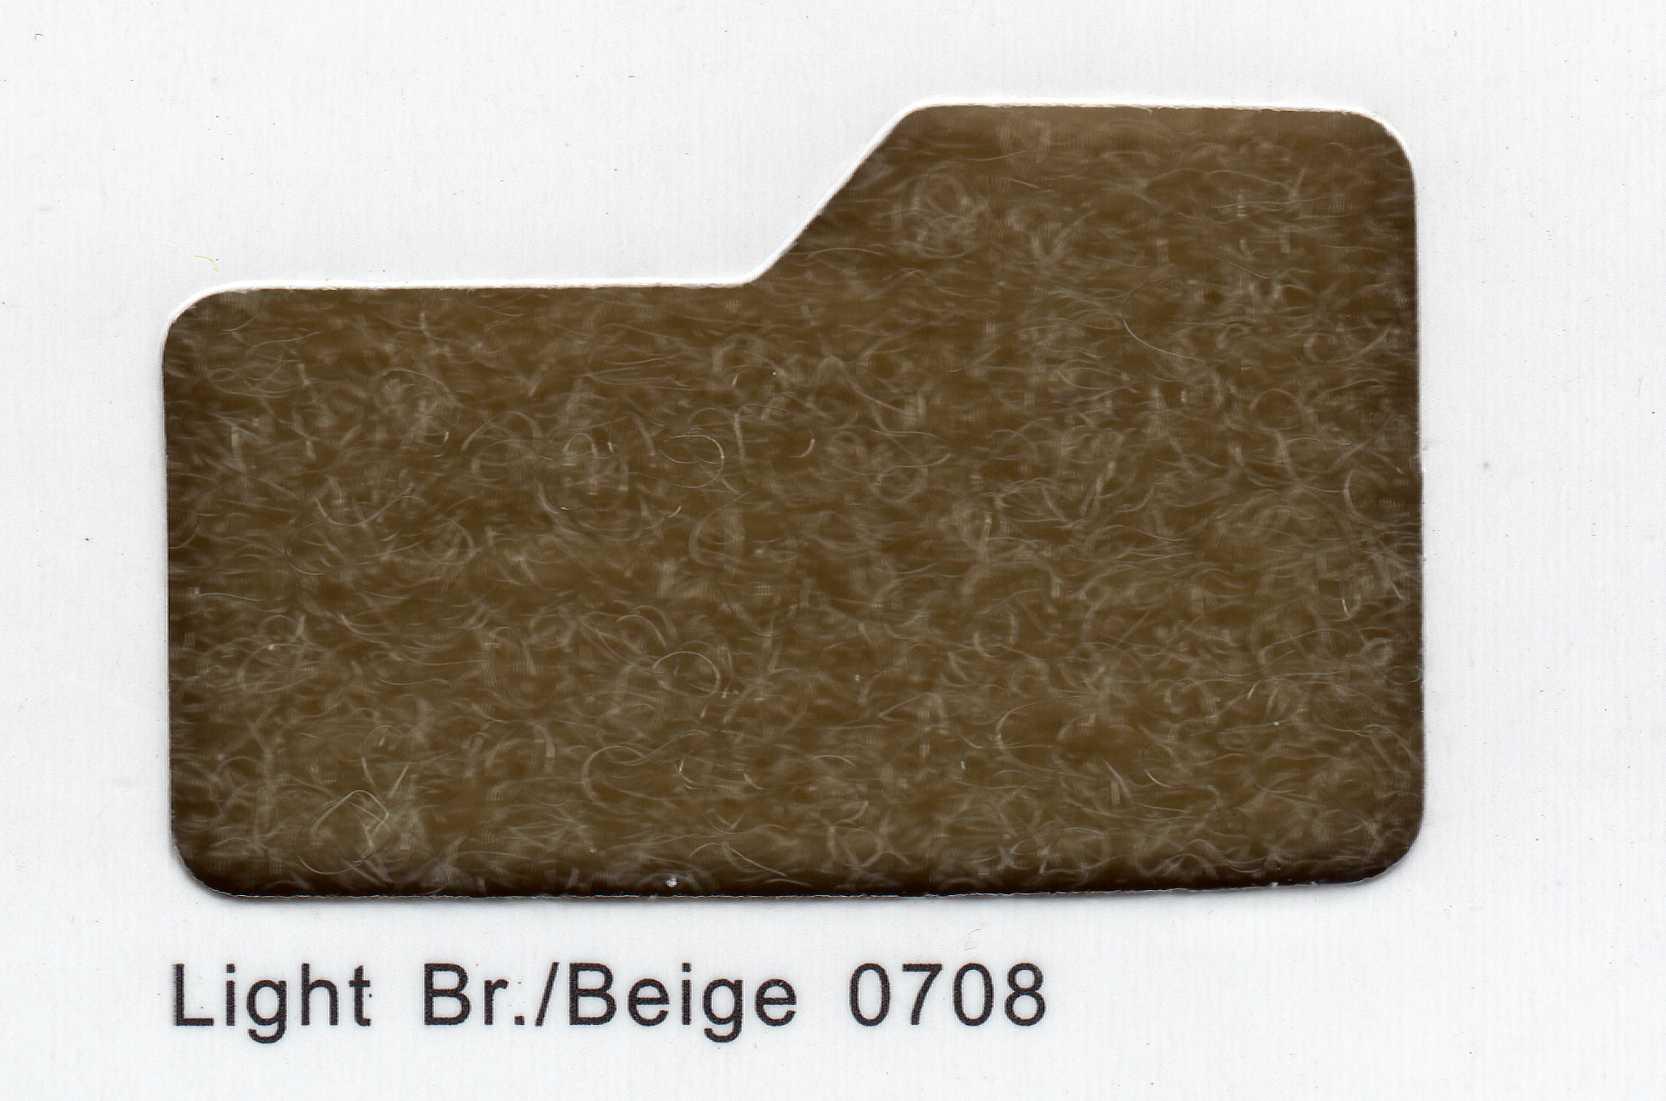 Cinta de cierre Velcro-Veraco 50mm Beige 0708 (Rizo).